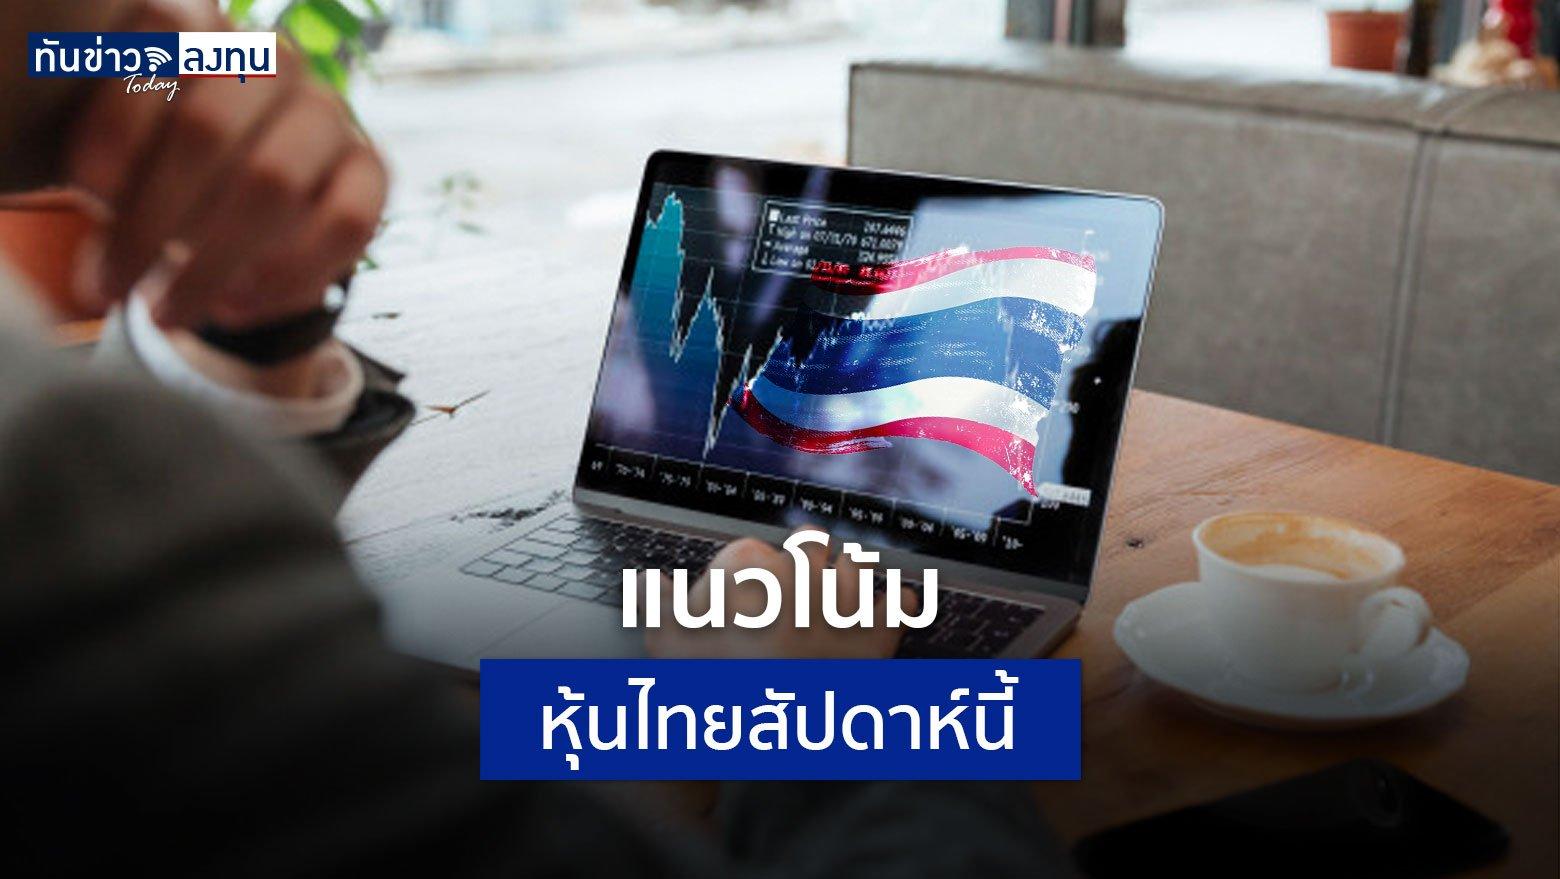 แนวโน้มหุ้นไทยสัปดาห์นี้